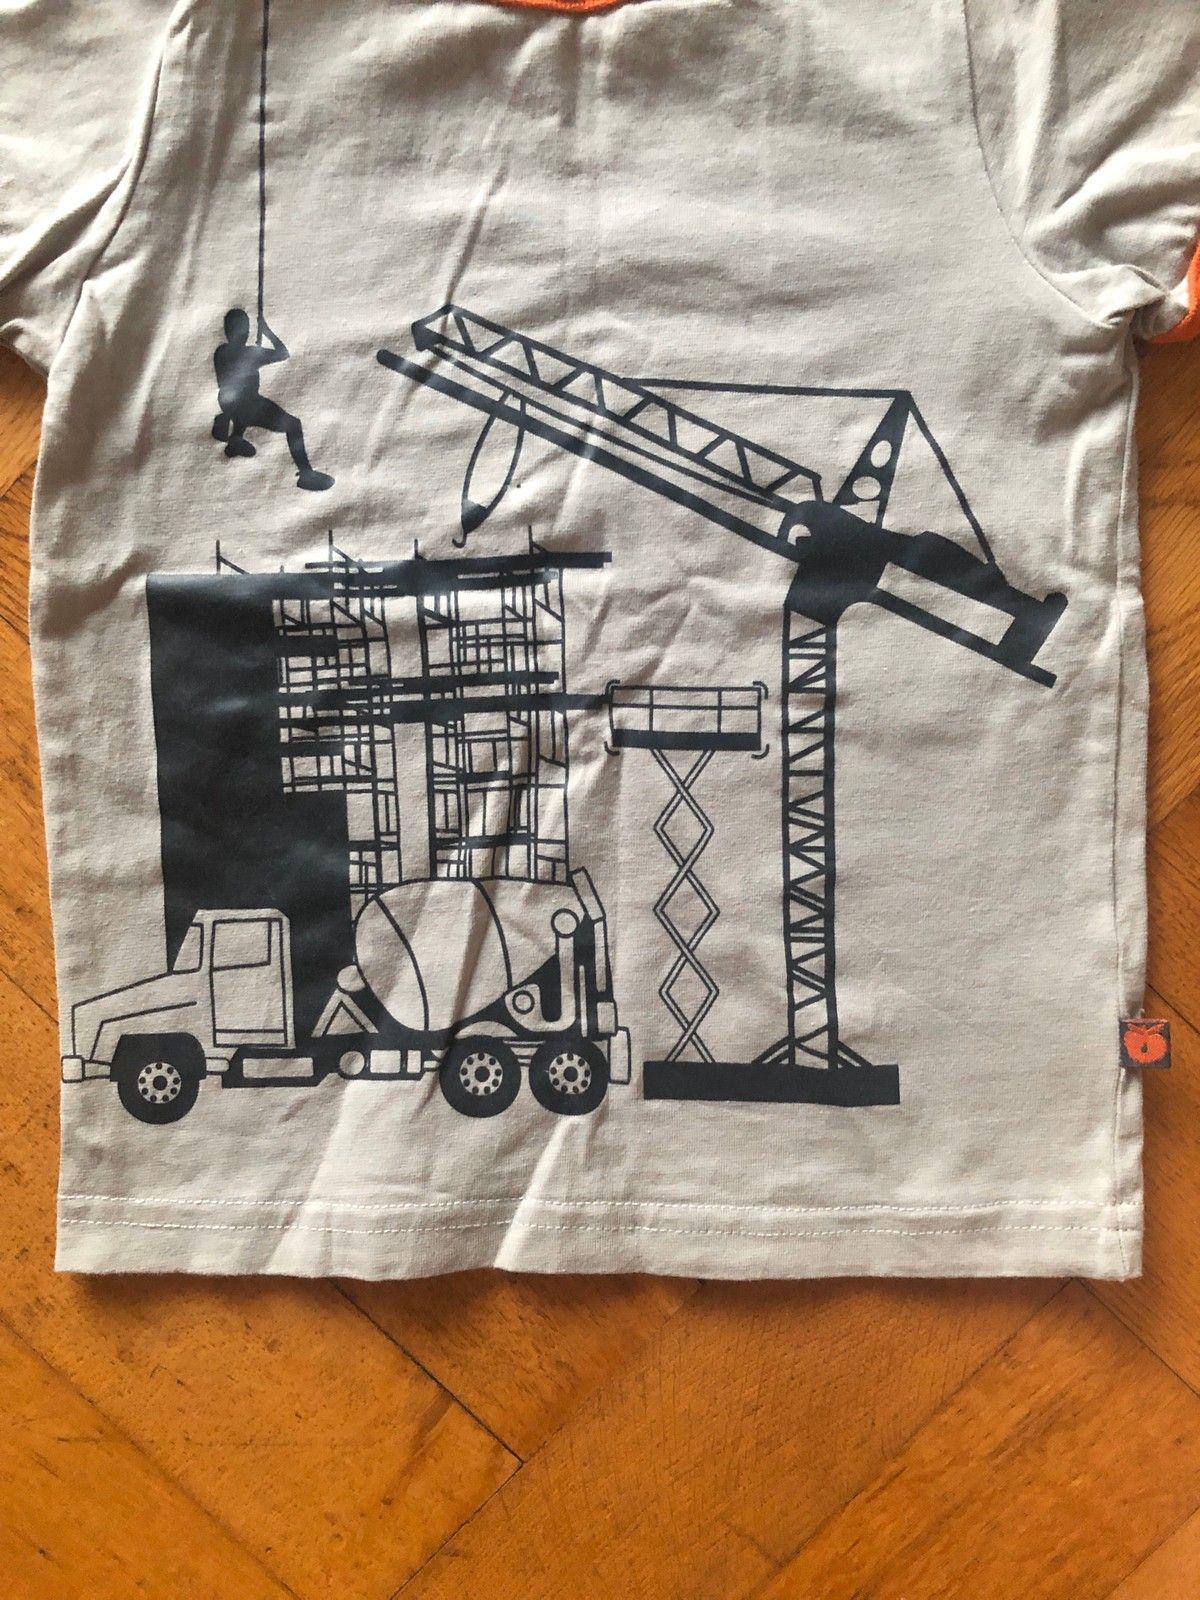 Pent brukt iSolid skjorte selges | FINN.no